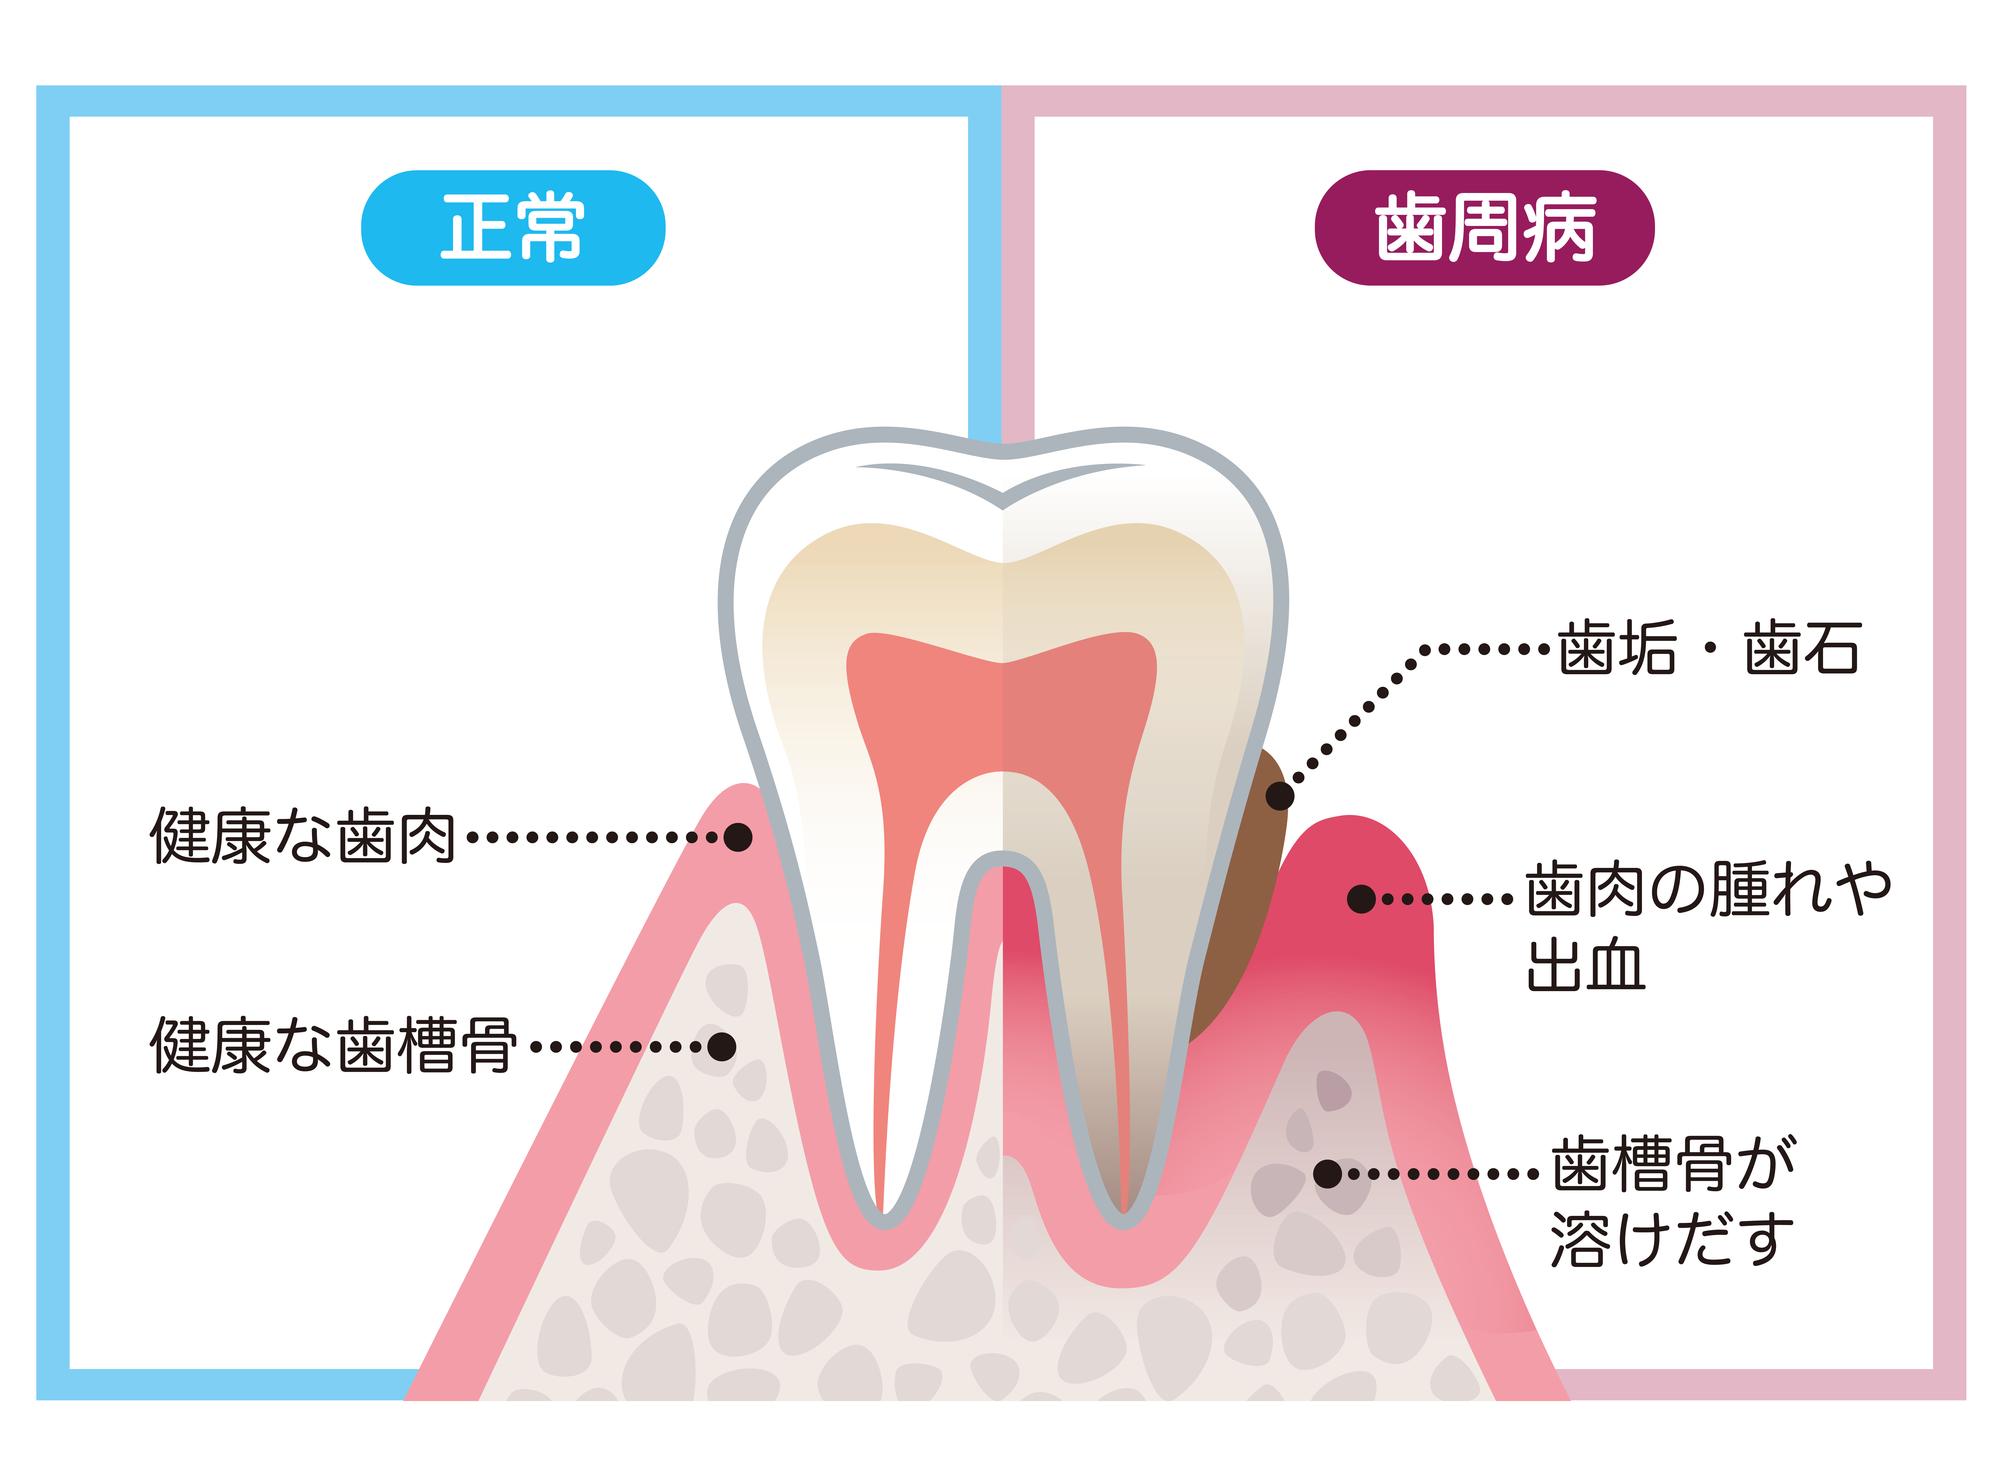 岡山県岡山市北区の歯医者 たんじフレンド歯科 歯周病